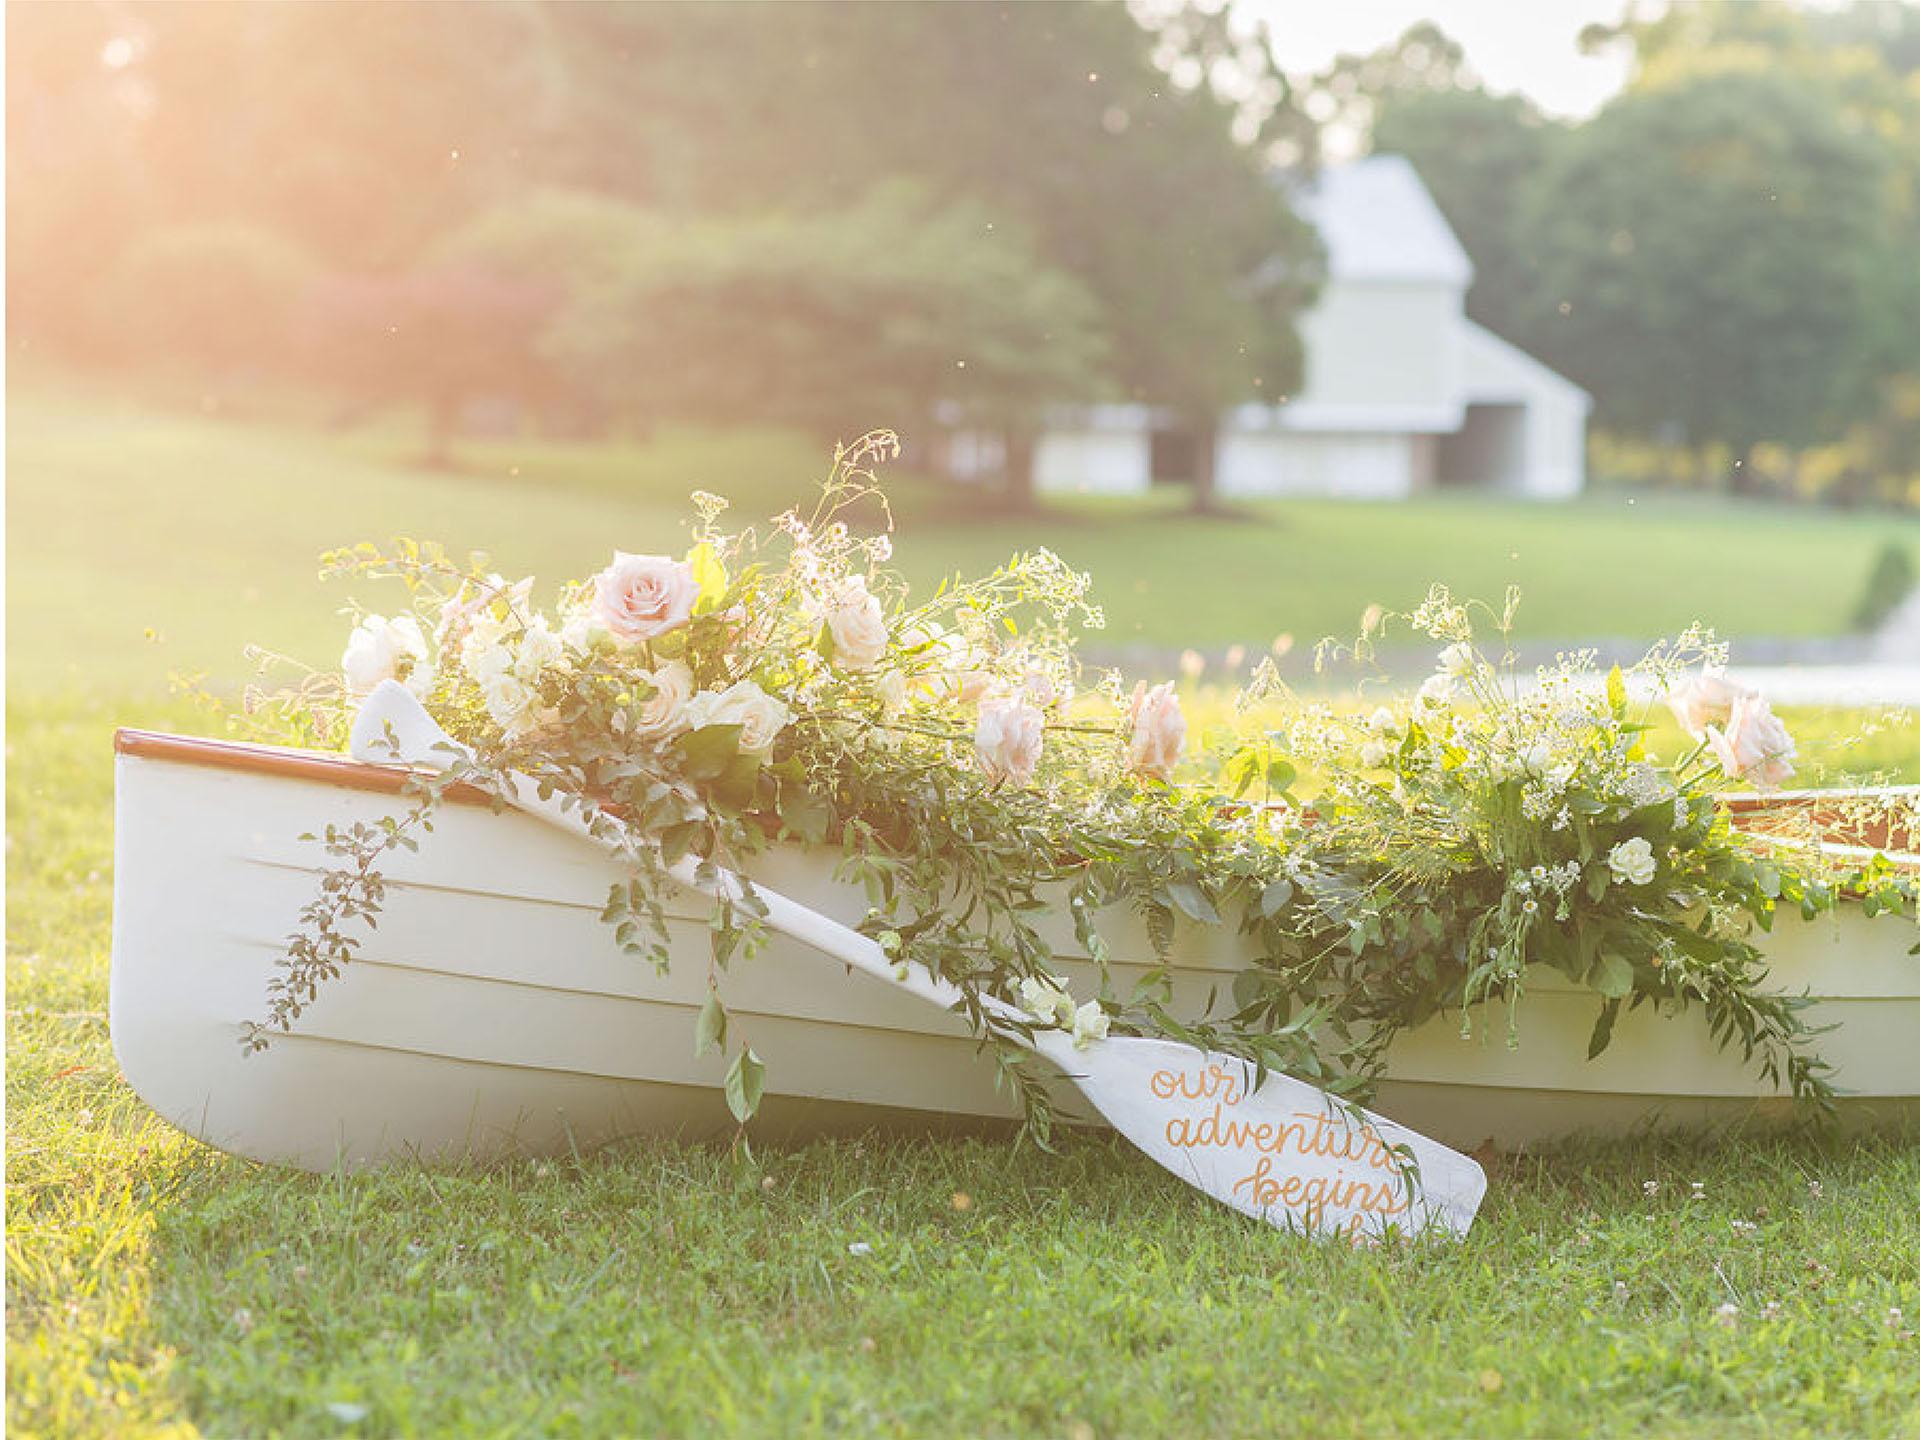 4to3_Weddings-02.jpg